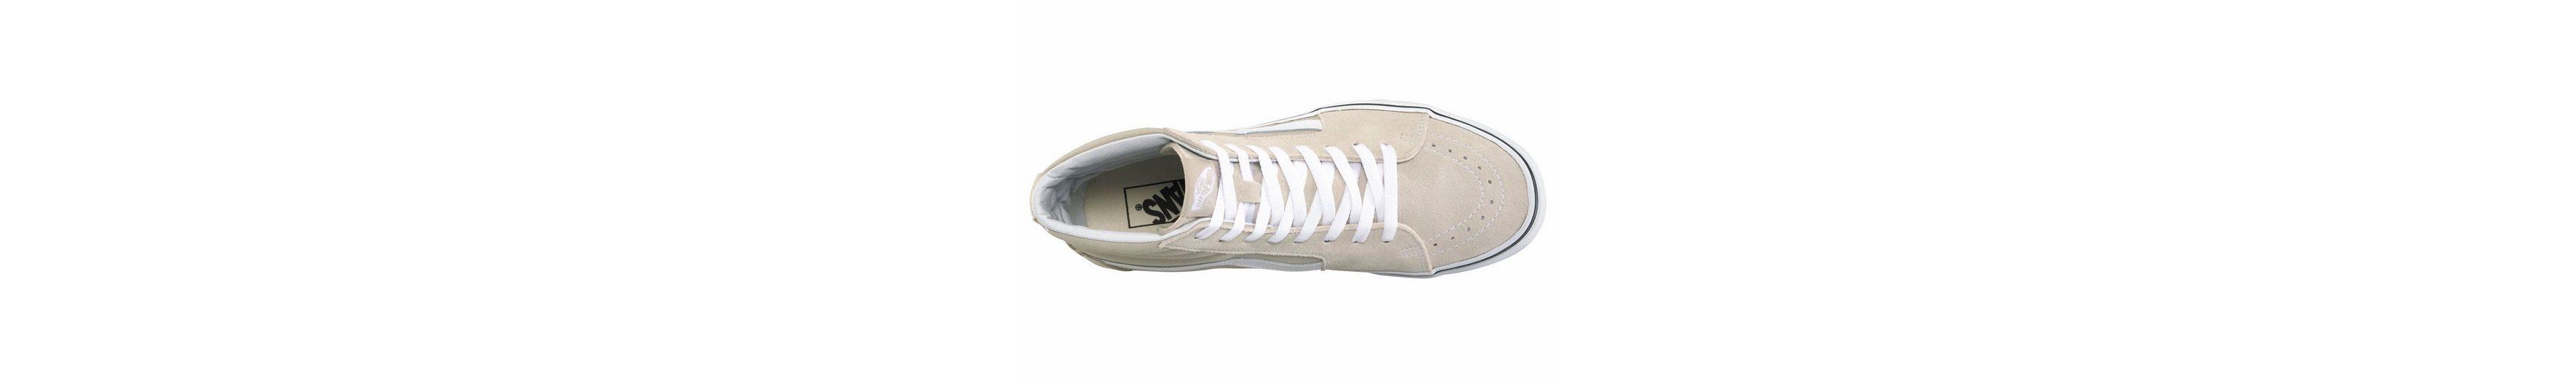 Vans SK8-Hi N Sneaker Besuchen Sie Günstig Online Kaufen Billige Angebote Footlocker Finish Online Kaufen Billig 7qIw9V